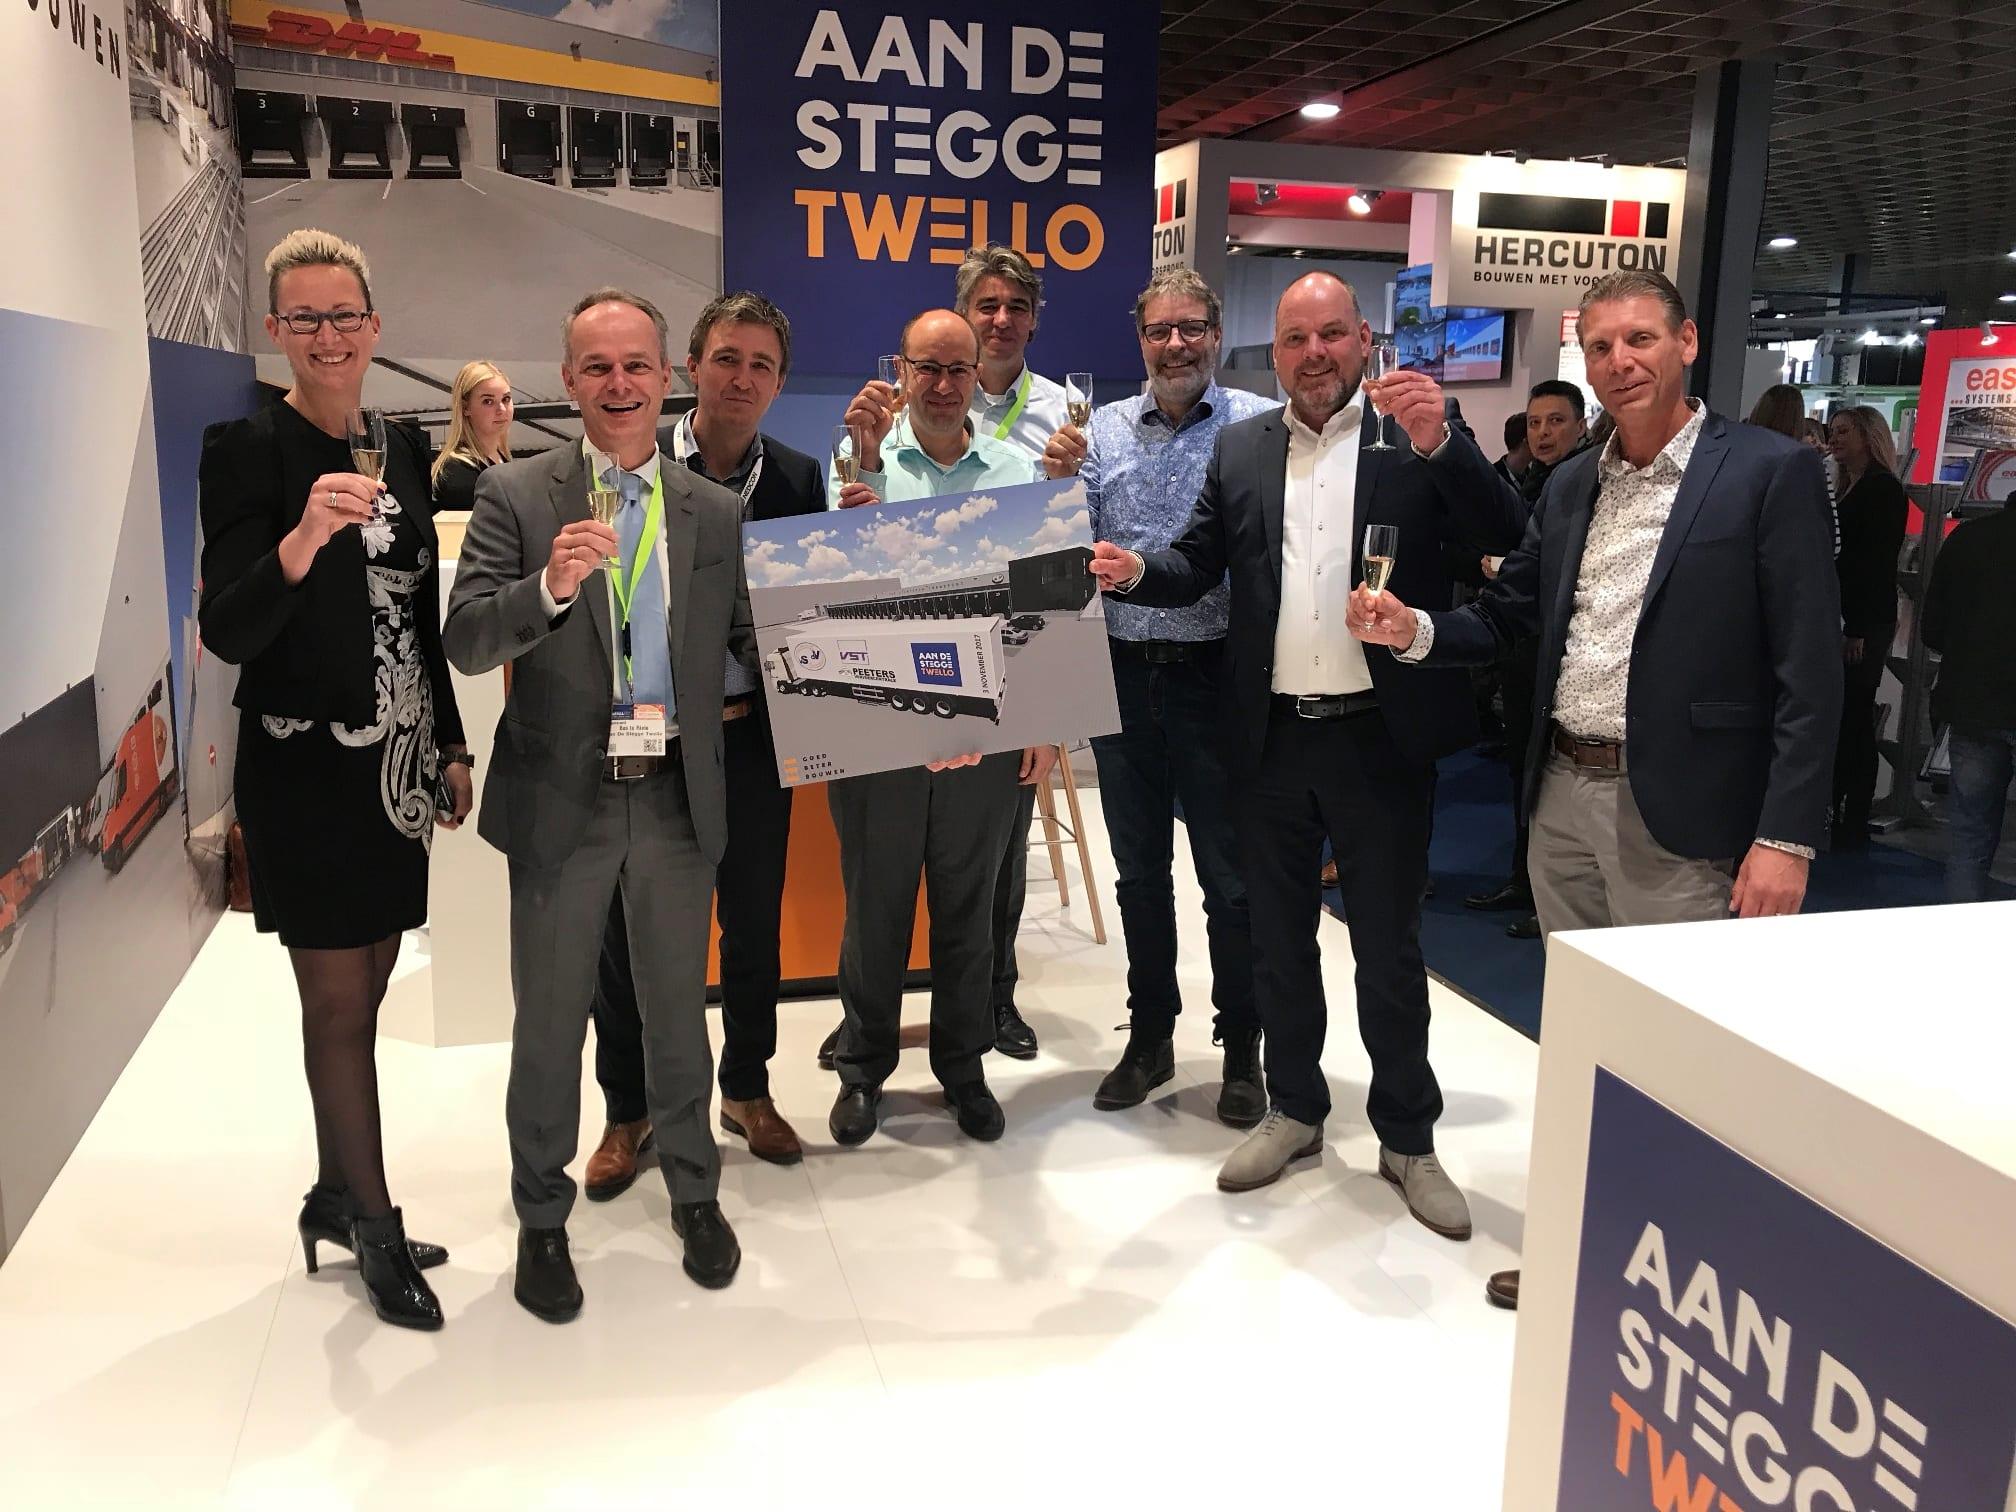 Contractondertekening nieuwbouw bedrijfspand VSDV Amsterdam